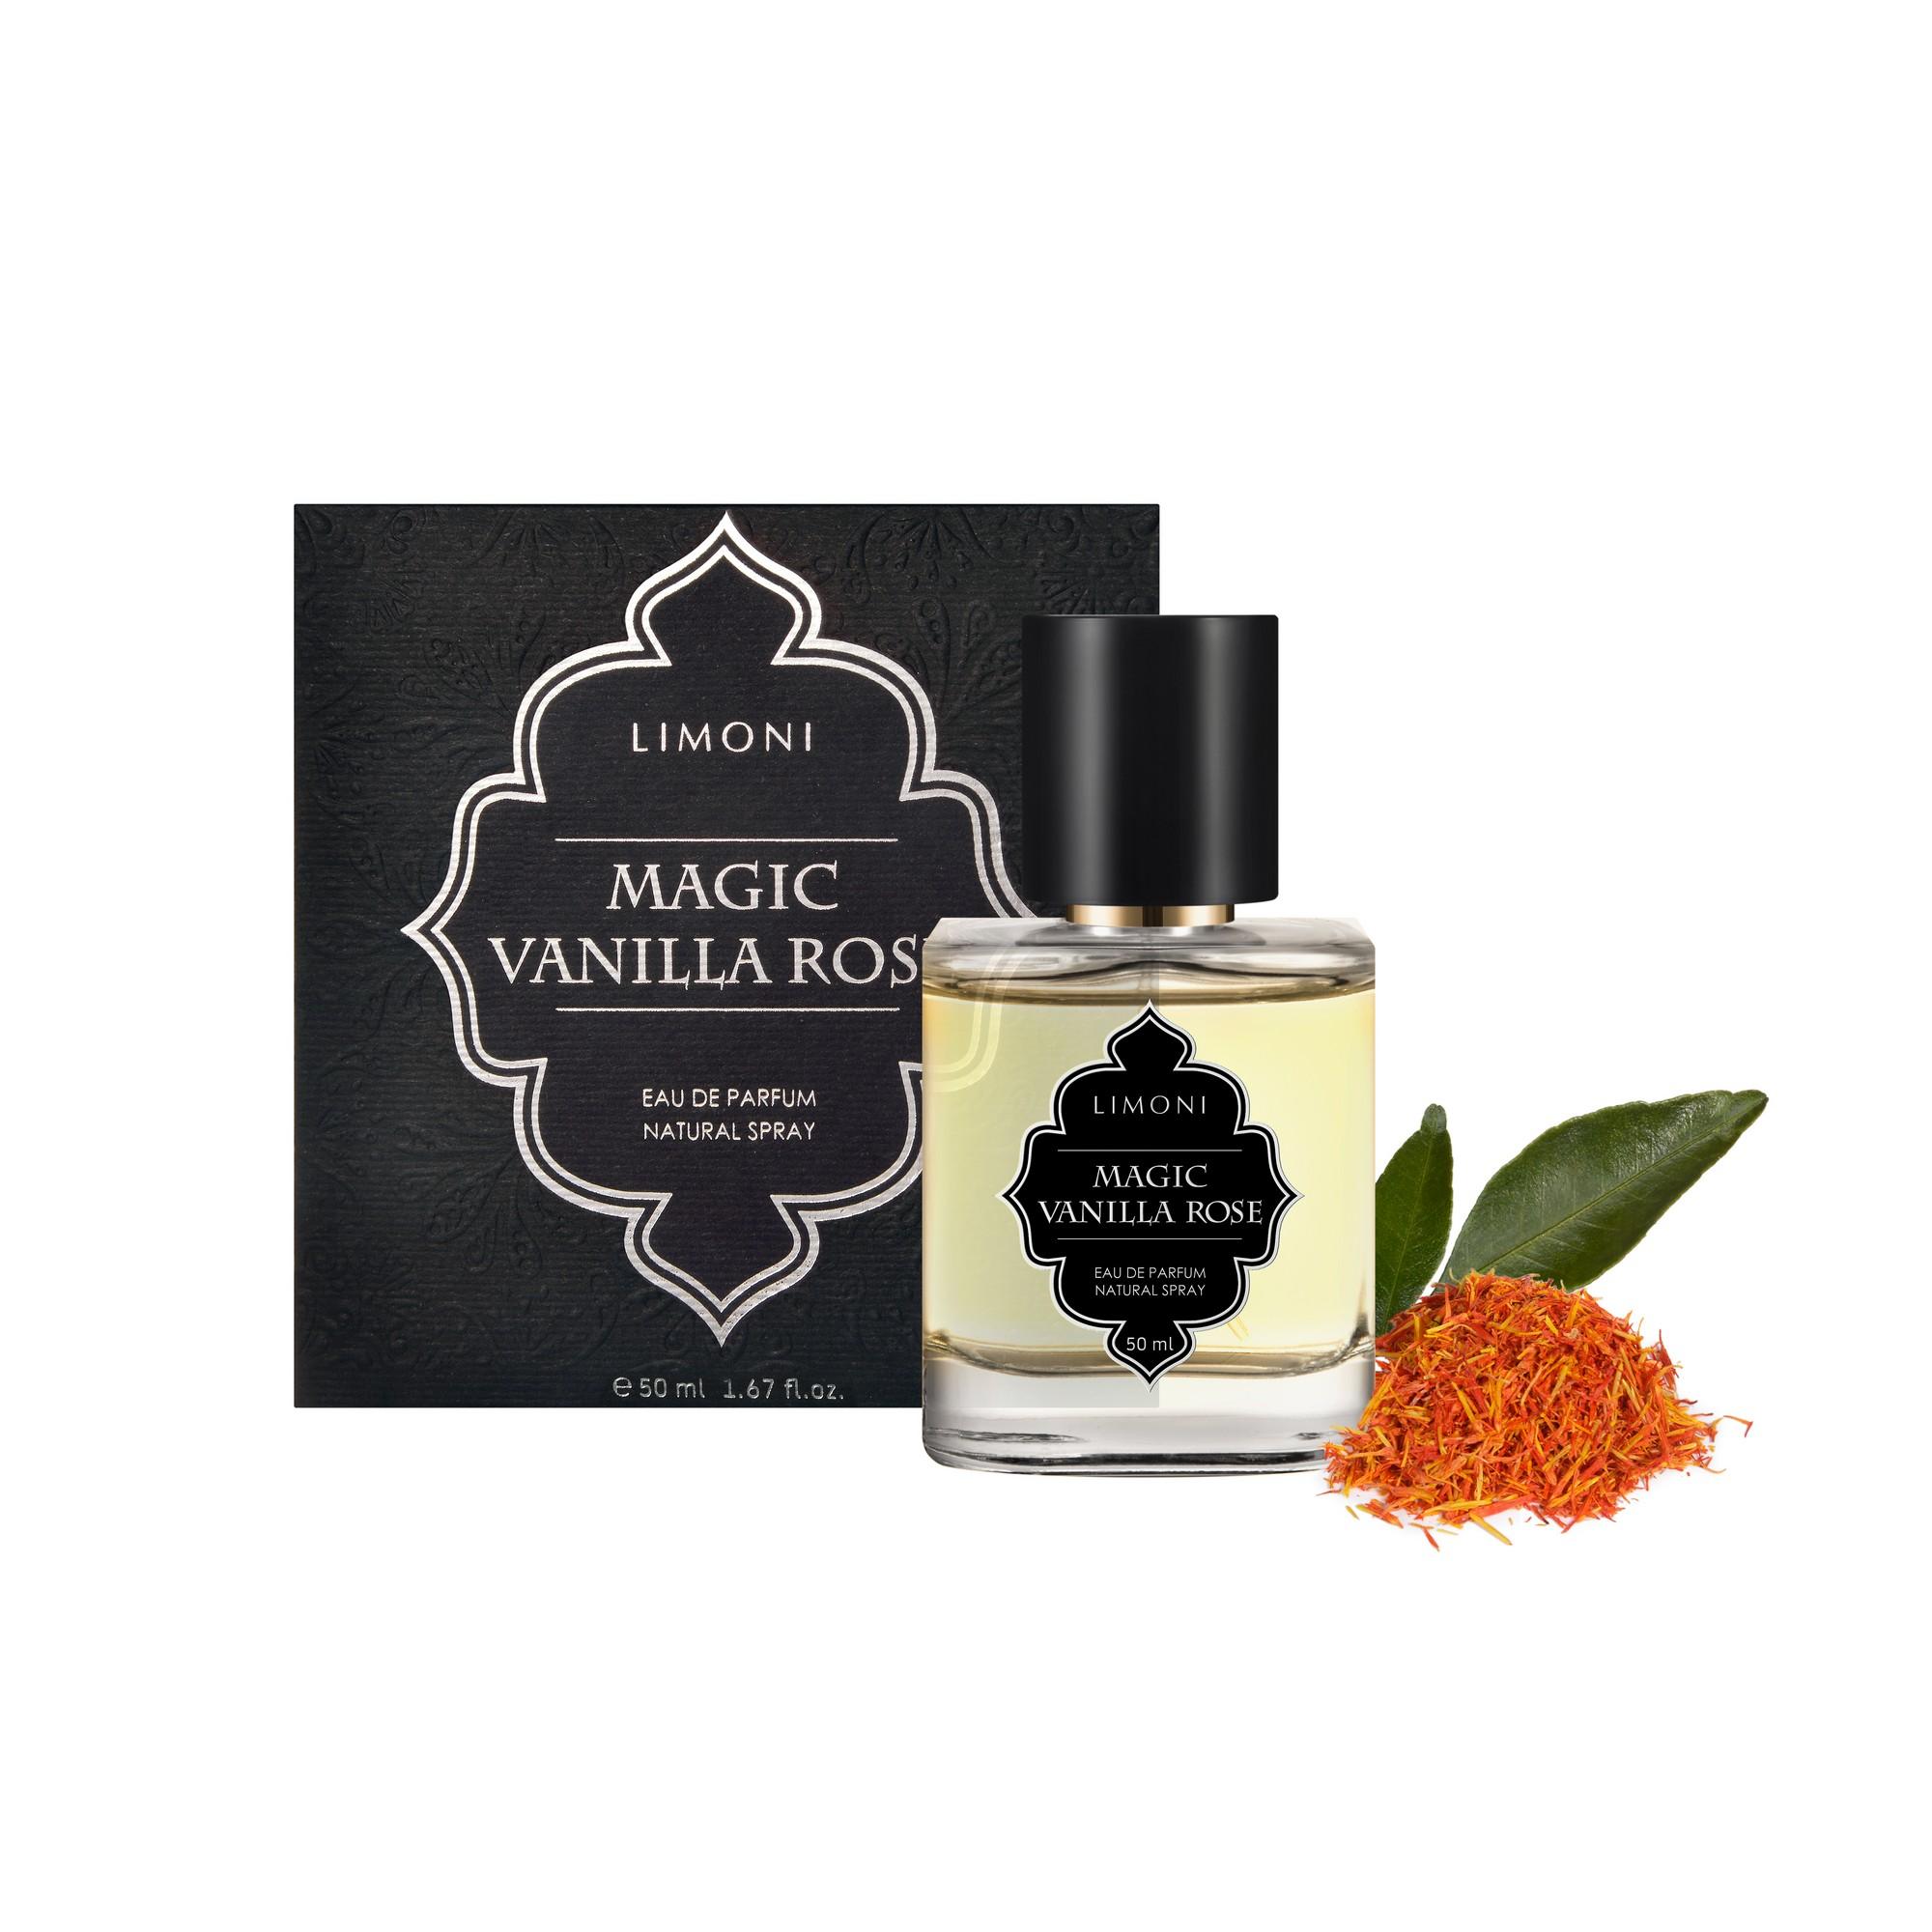 LIMONI Вода парфюмерная Magic Vanilla Rose / LIMONI Eau de Parfum, 50 мл